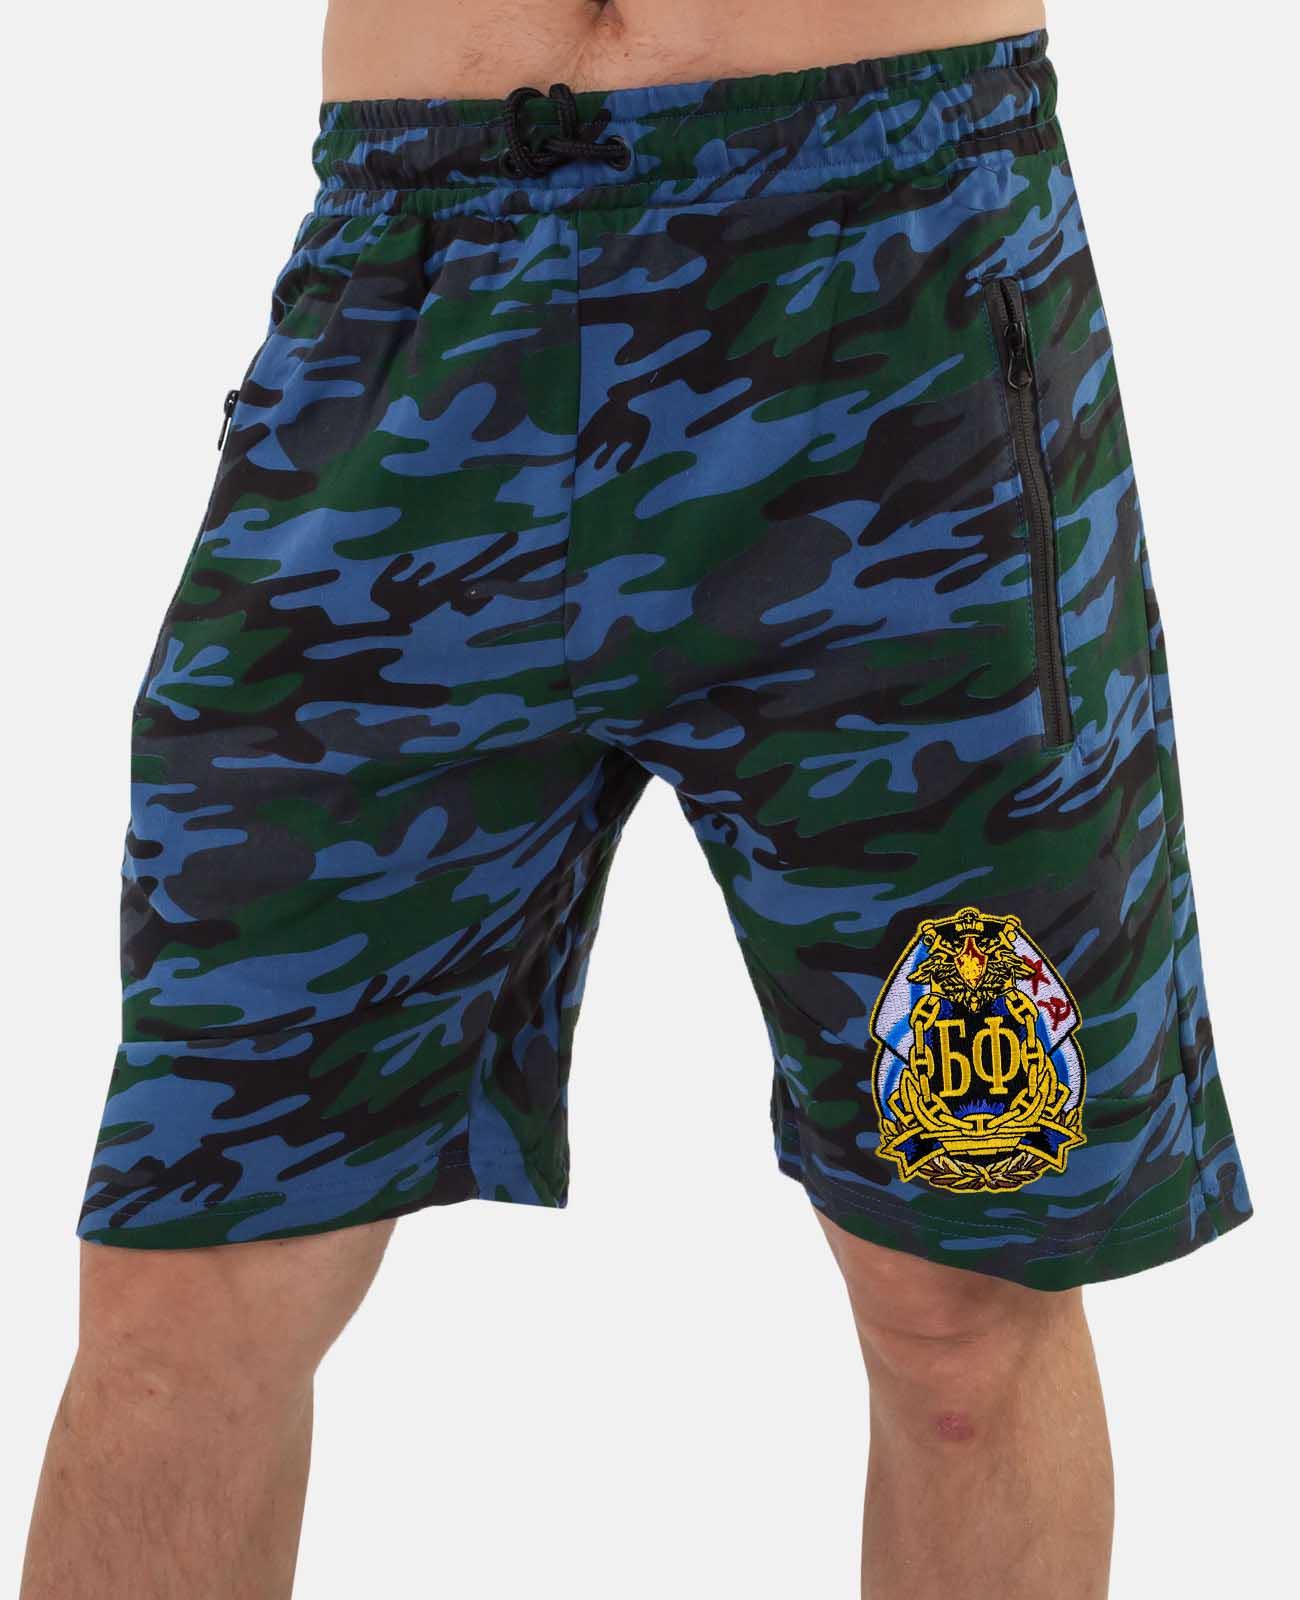 Заказать мужские  шорты недорого онлайн